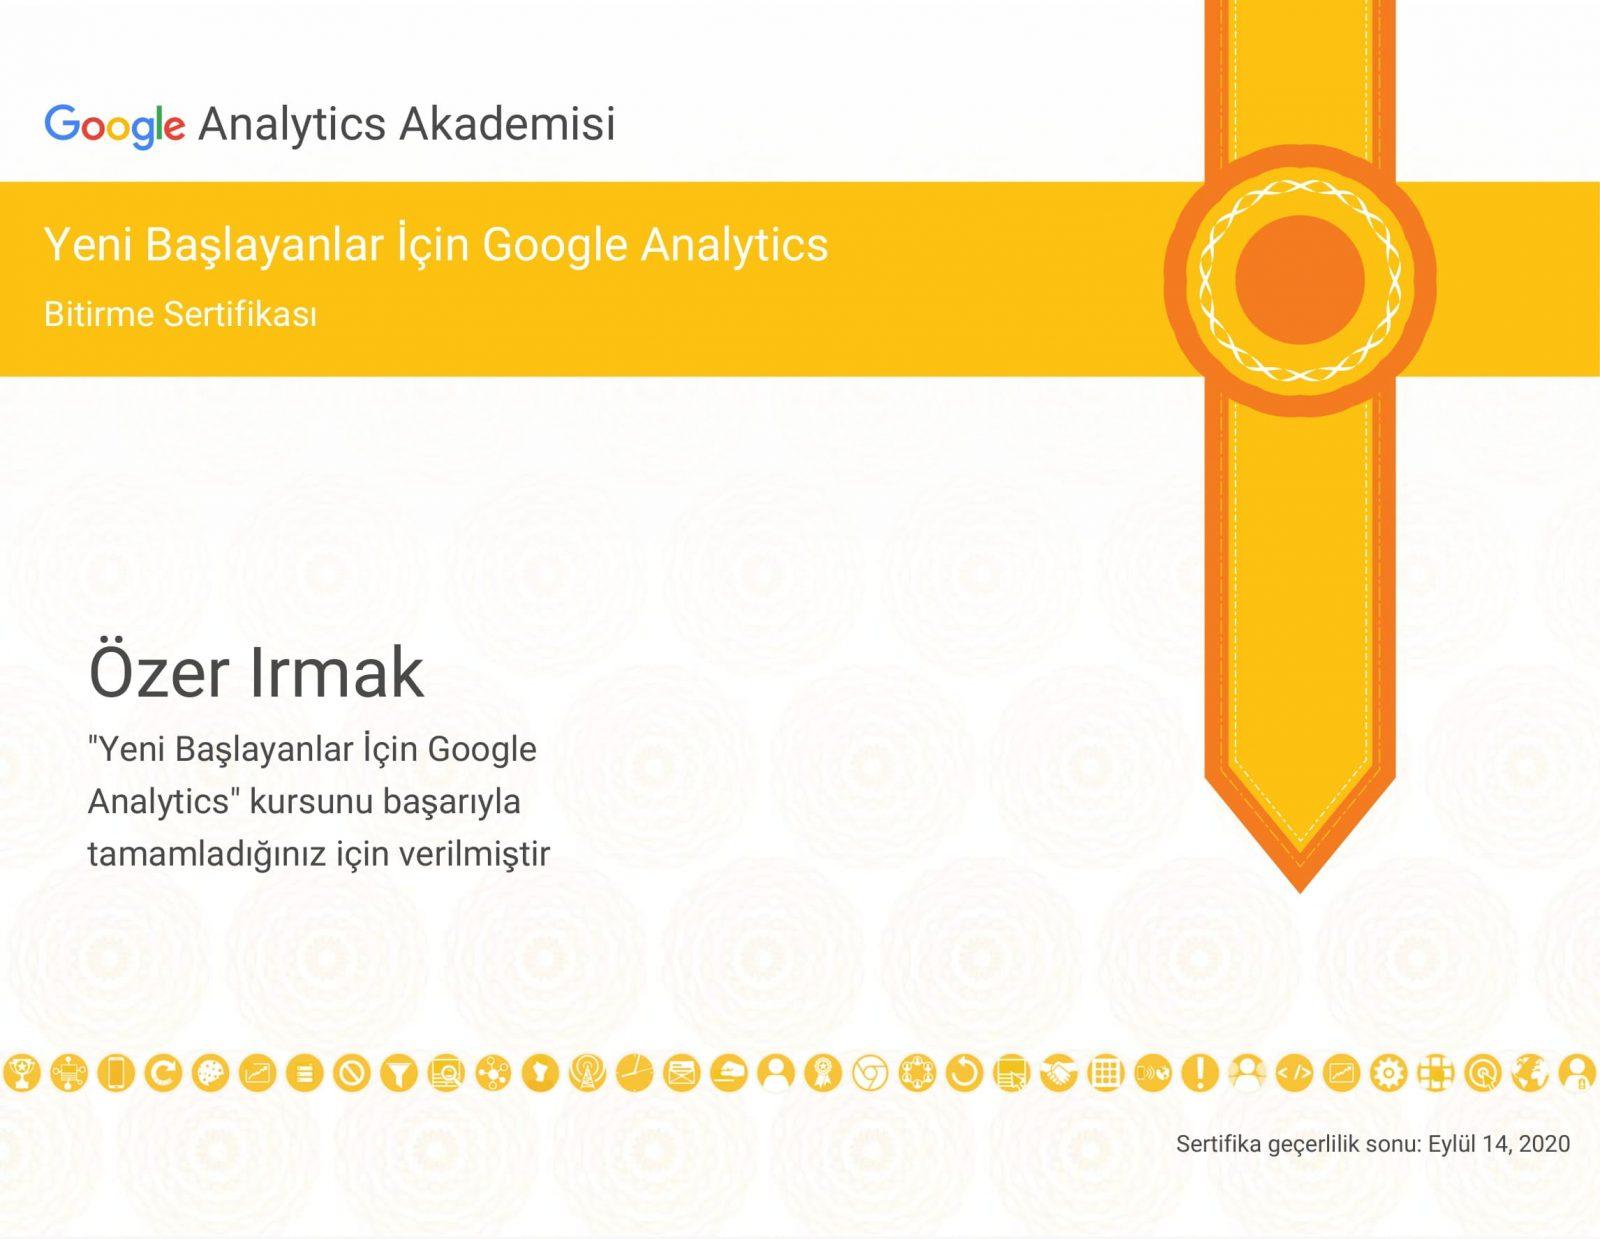 Yeni Başlayanlar İçin Google Analitiks Sertifikasyonu - SERTİFİKALARIM